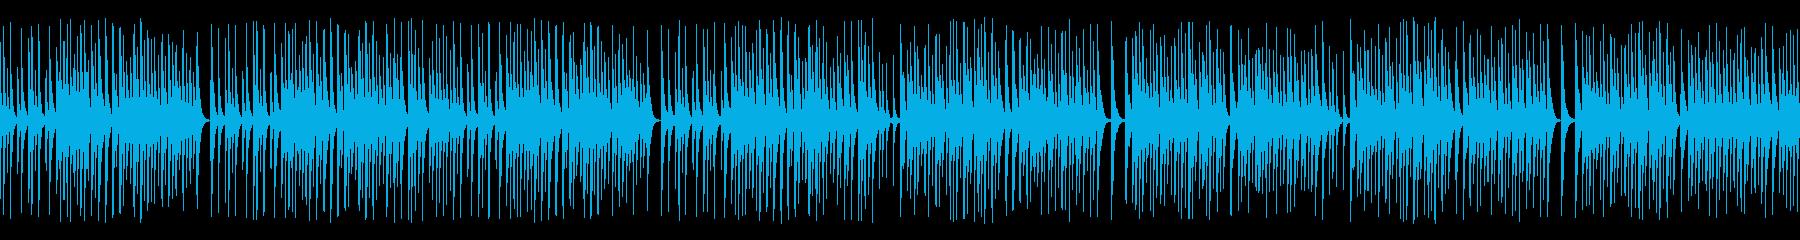 木琴がコミカルで可愛いジャズ名曲(ループの再生済みの波形